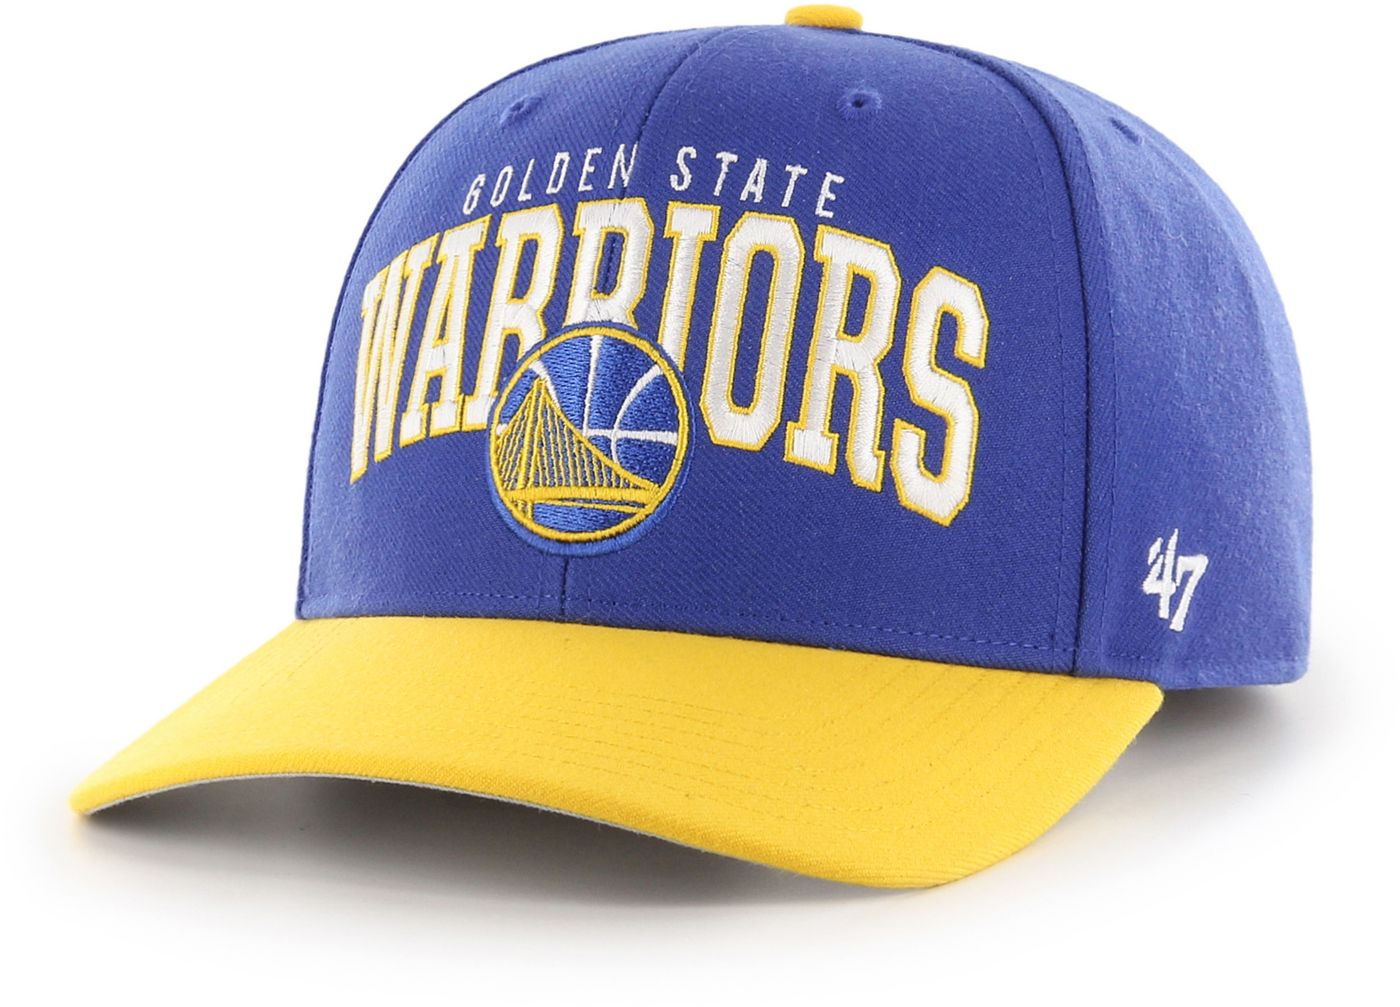 47 Men's Golden State Warriors MVP Adjustable Hat